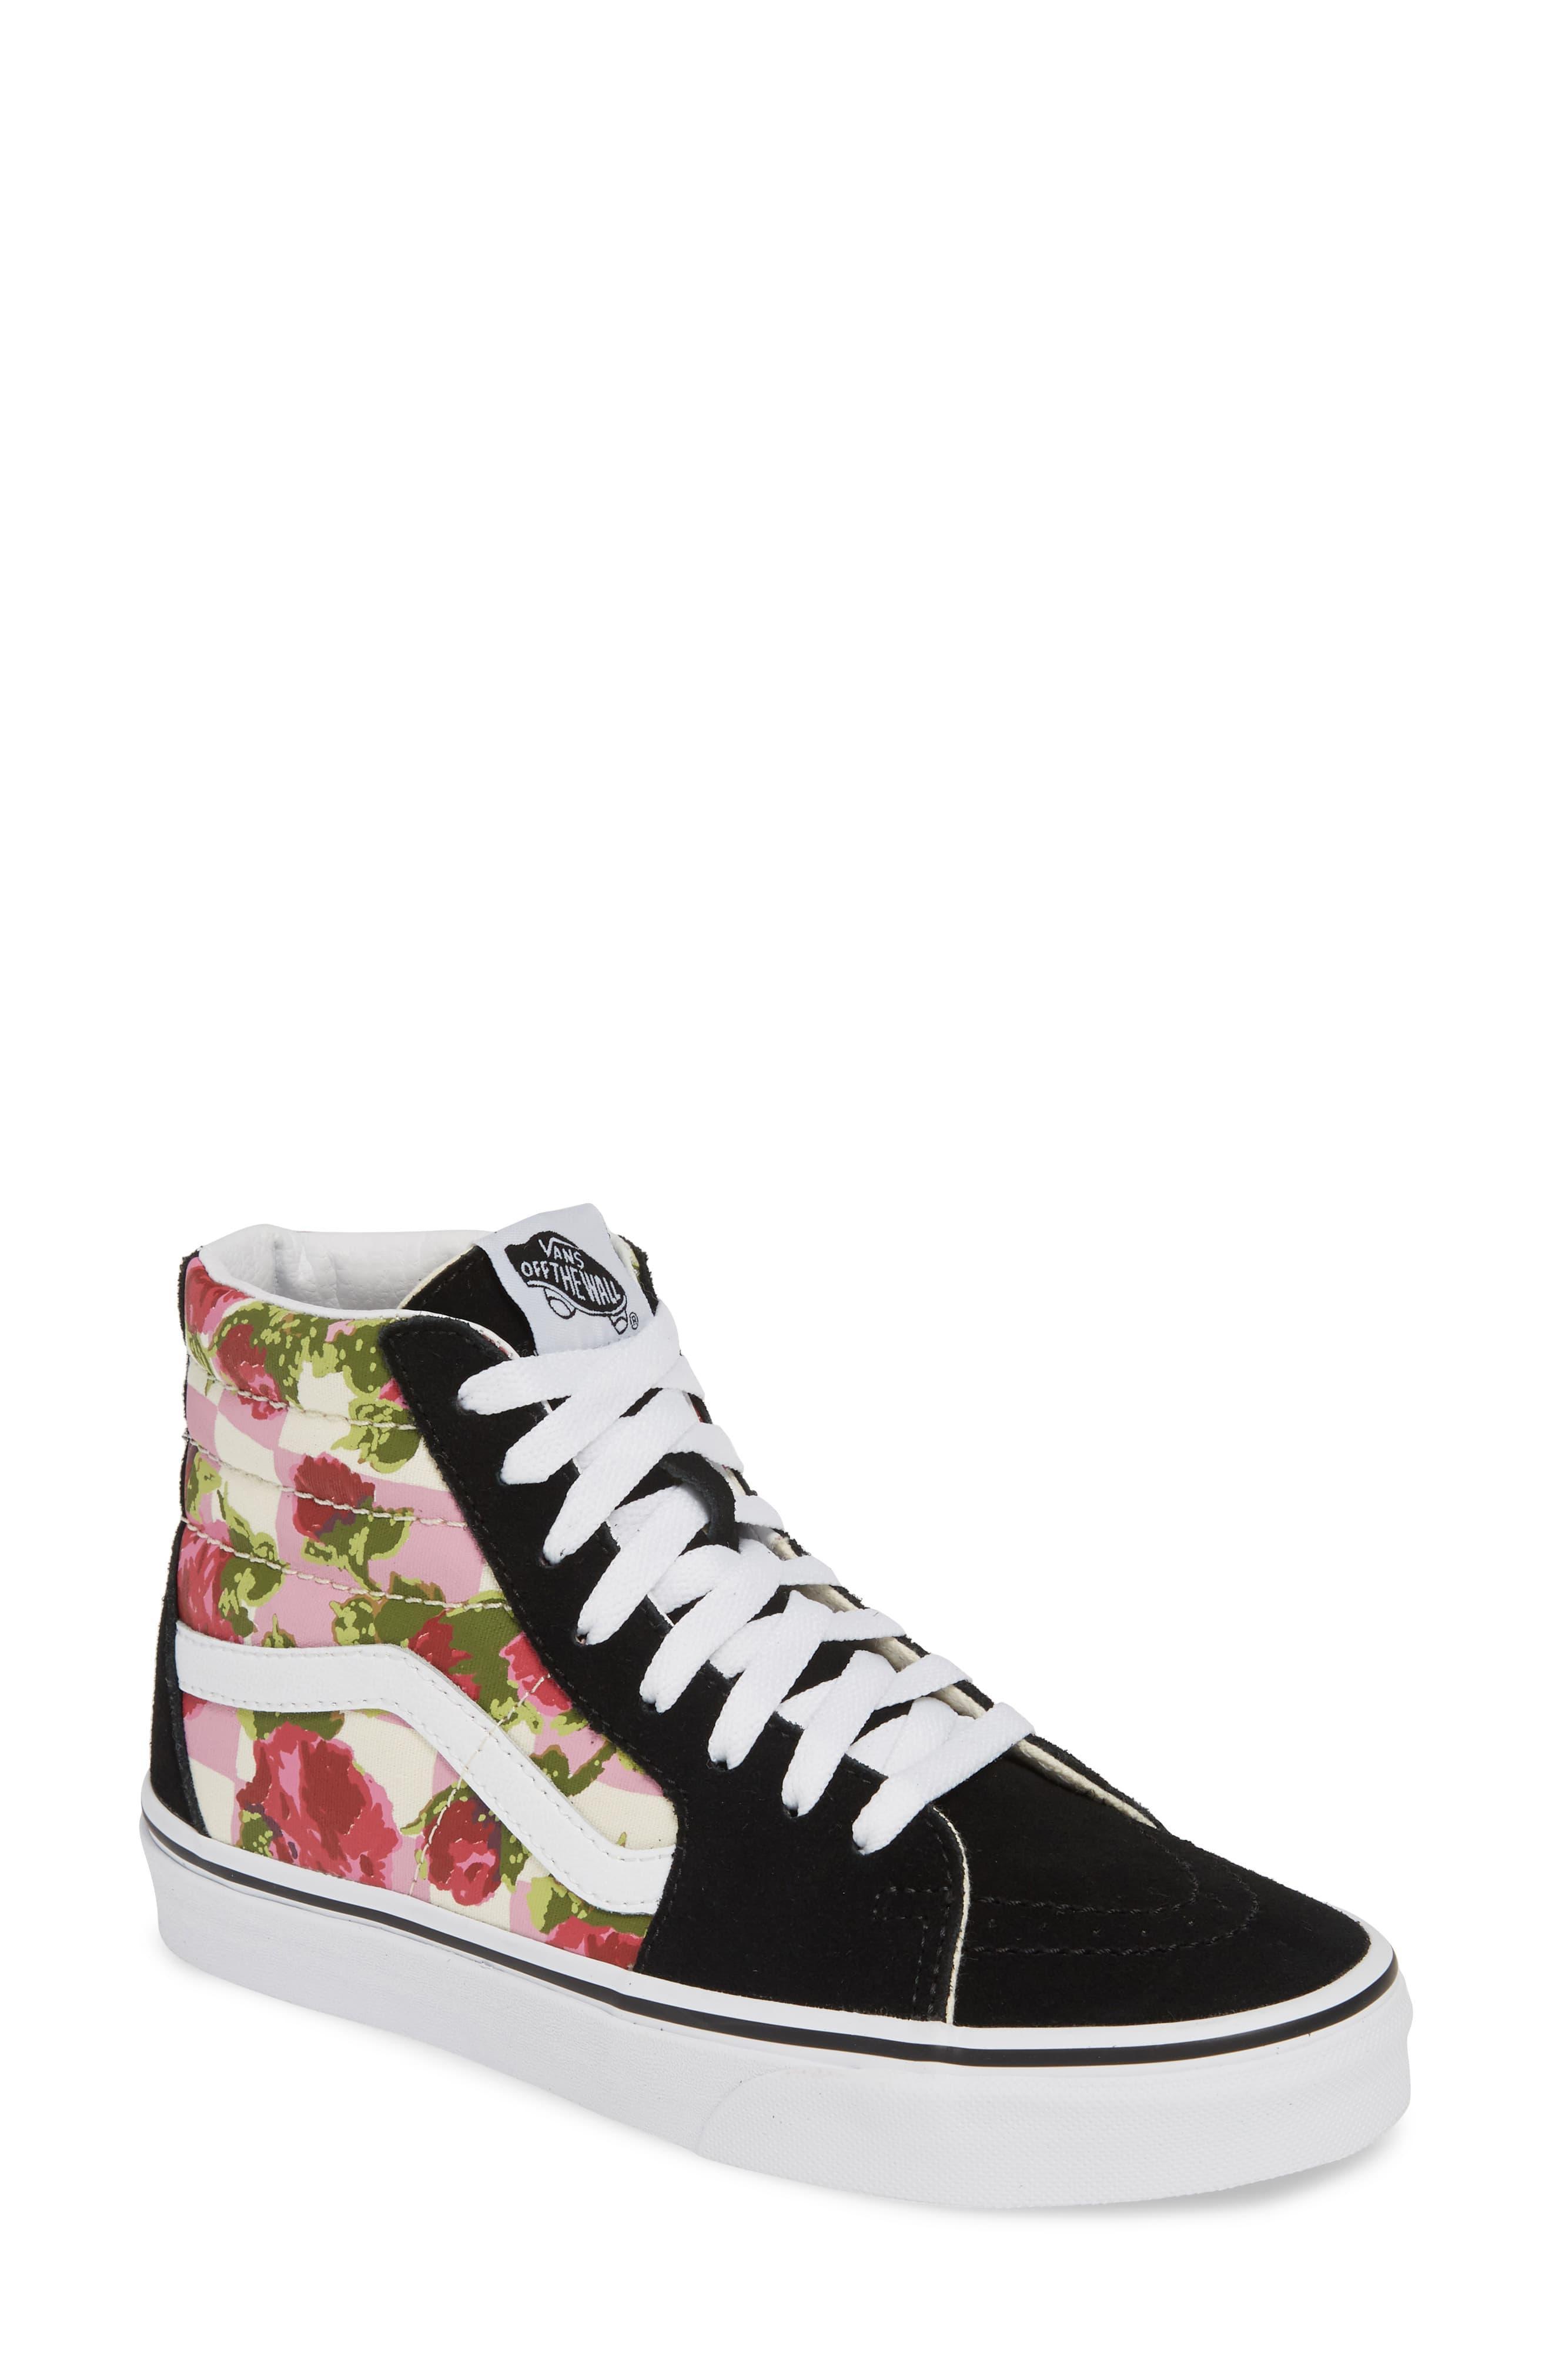 b2698d0a Women's Sk8-hi Floral Sneaker